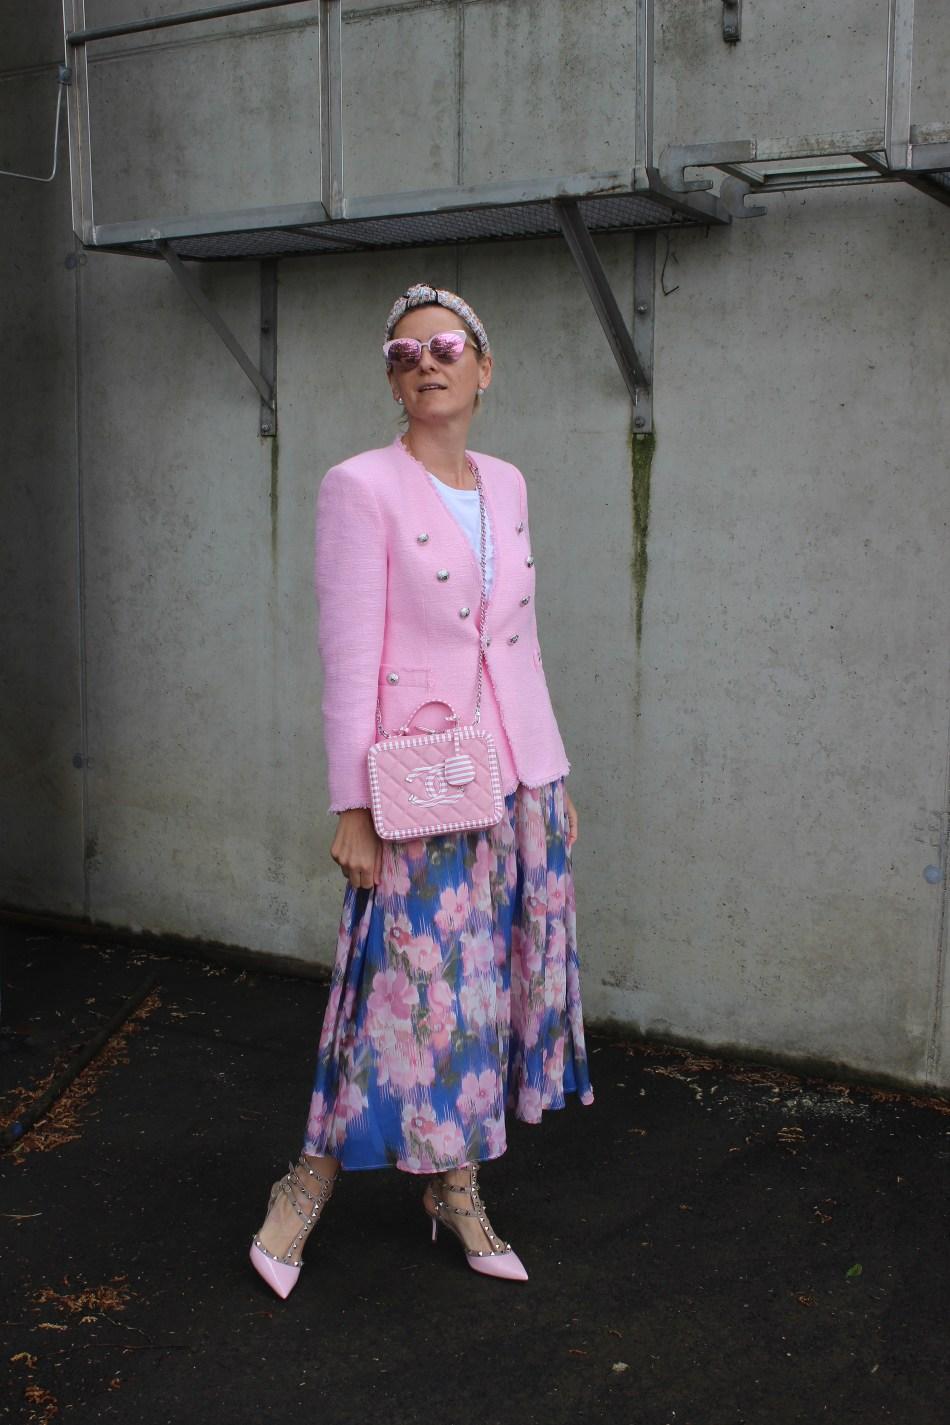 Blumenprint-Midiskirt-Floralprint-Tweed-Jacke-Blazer-Chanel-Tasche-Springfashion-Springoutfit-carrieslifestyle-Tamara-Prutsch